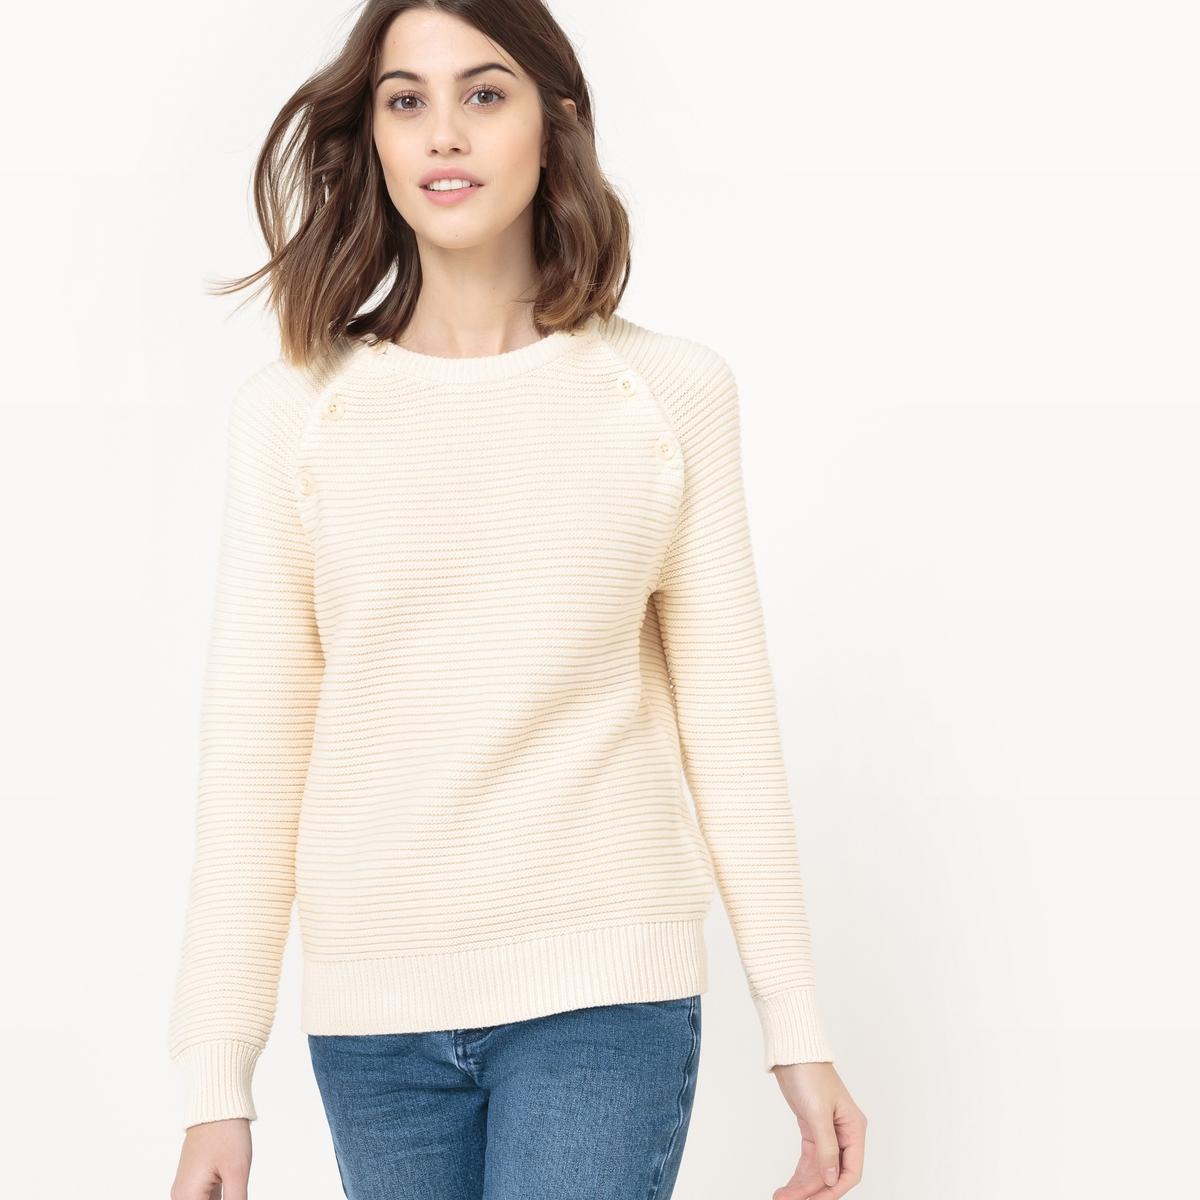 Sweter z okrągłym dekoltem, rękawy na guziki